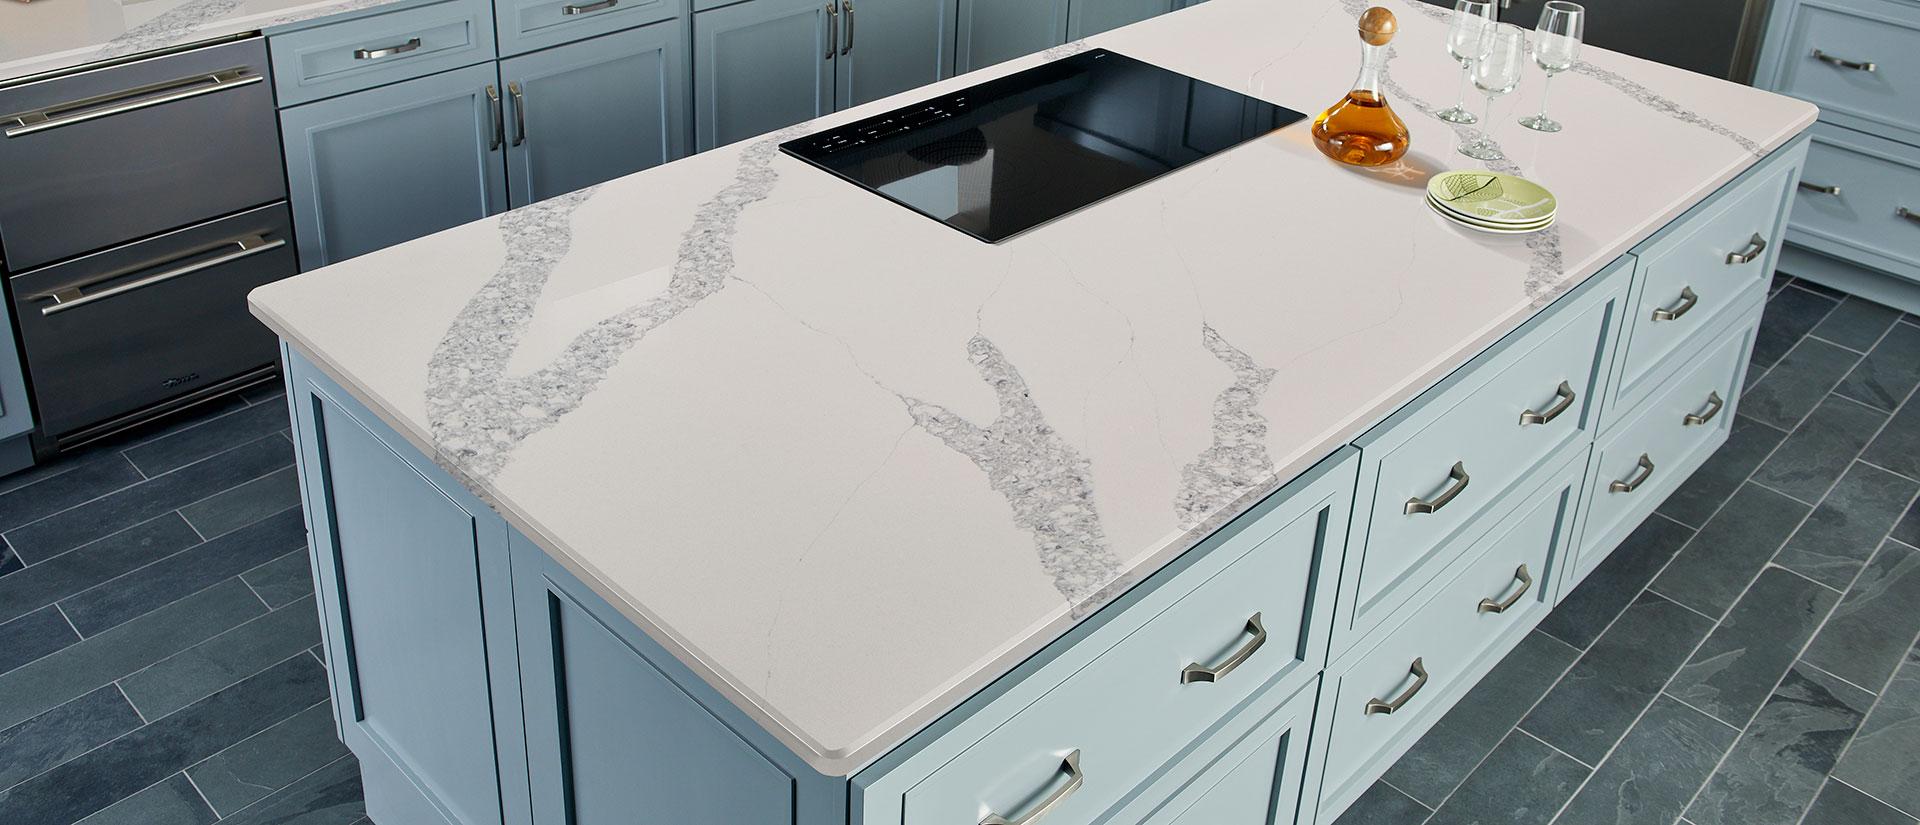 Calacatta Venice White Quartz Countertops Q Premium